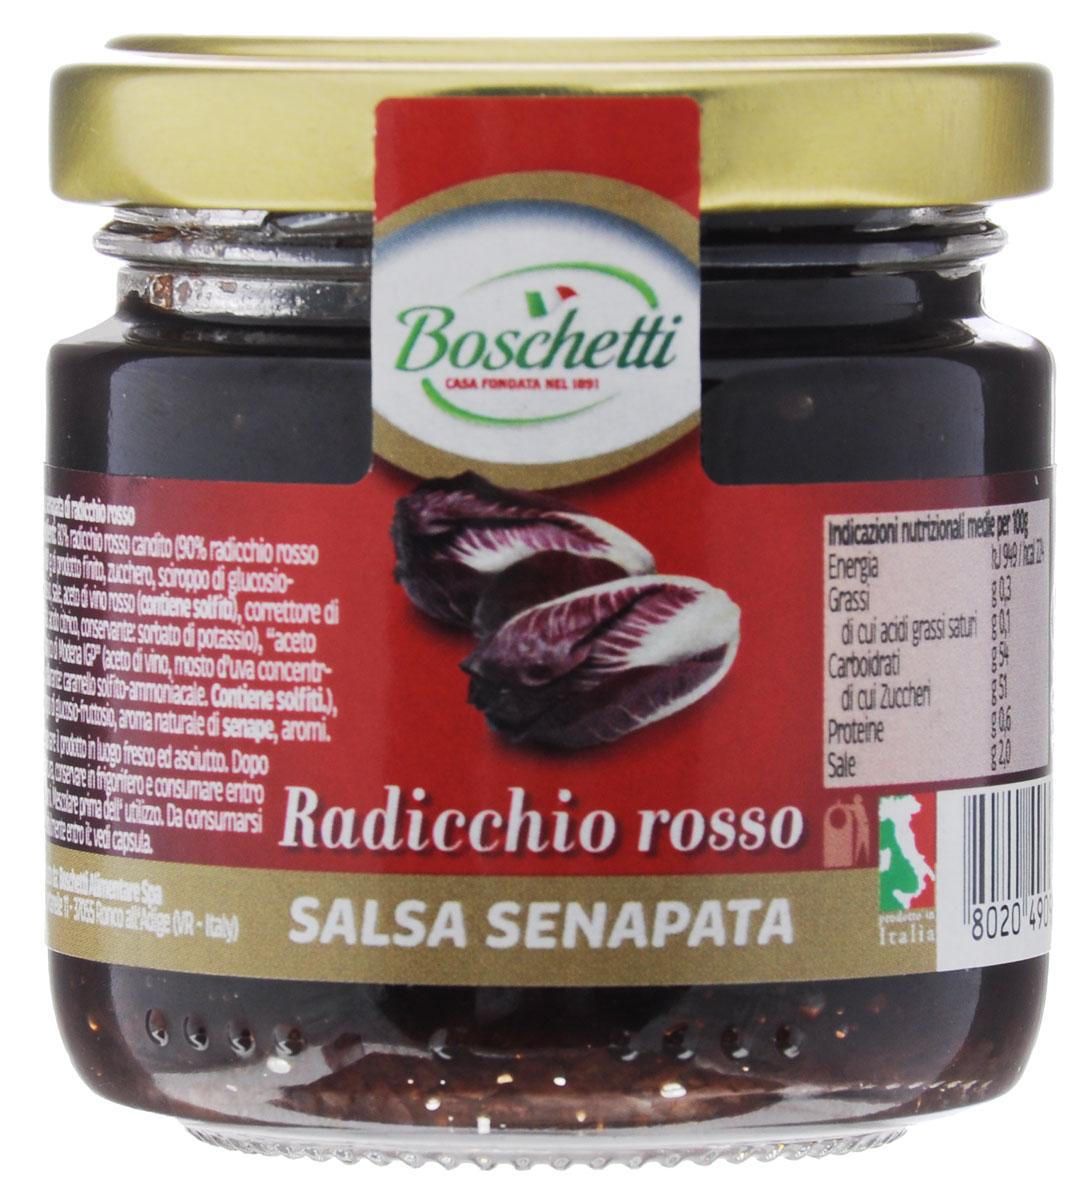 Boschetti Radicchio rosso соус сальса, 120 гSP#RA35AYСоус сальса Boschetti Radicchio rosso из цикория с нежной желеобразной текстурой и обладает мягким вкусом с легкой горчинкой и сладким послевкусием. Идеально подходит для блюд из мяса и птицы. Некоторые любят в сочетании с фуа-гра. Состав: паста красного цикория с сахаром 80% (90% красного цикория на 100 г готового продукта: сахар, сироп глюкозы-фруктозы, соль, уксус из красного вина (содержит сульфиты), регулятор кислотности (лимонная кислота), консервант (сорбит натрия), бальзамический уксус ди Модена (винный уксус, сусло виноградное концентрированное, колорант (карамель), аммиачный сульфит), сироп глюкозы-фруктозы, натуральный ароматизатор горчица, ароматизаторы.